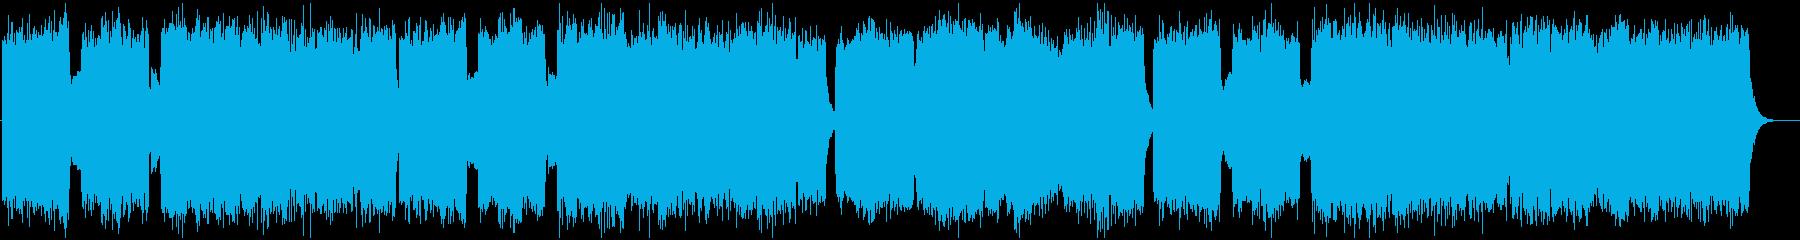 広がりのある教会風BGMの再生済みの波形